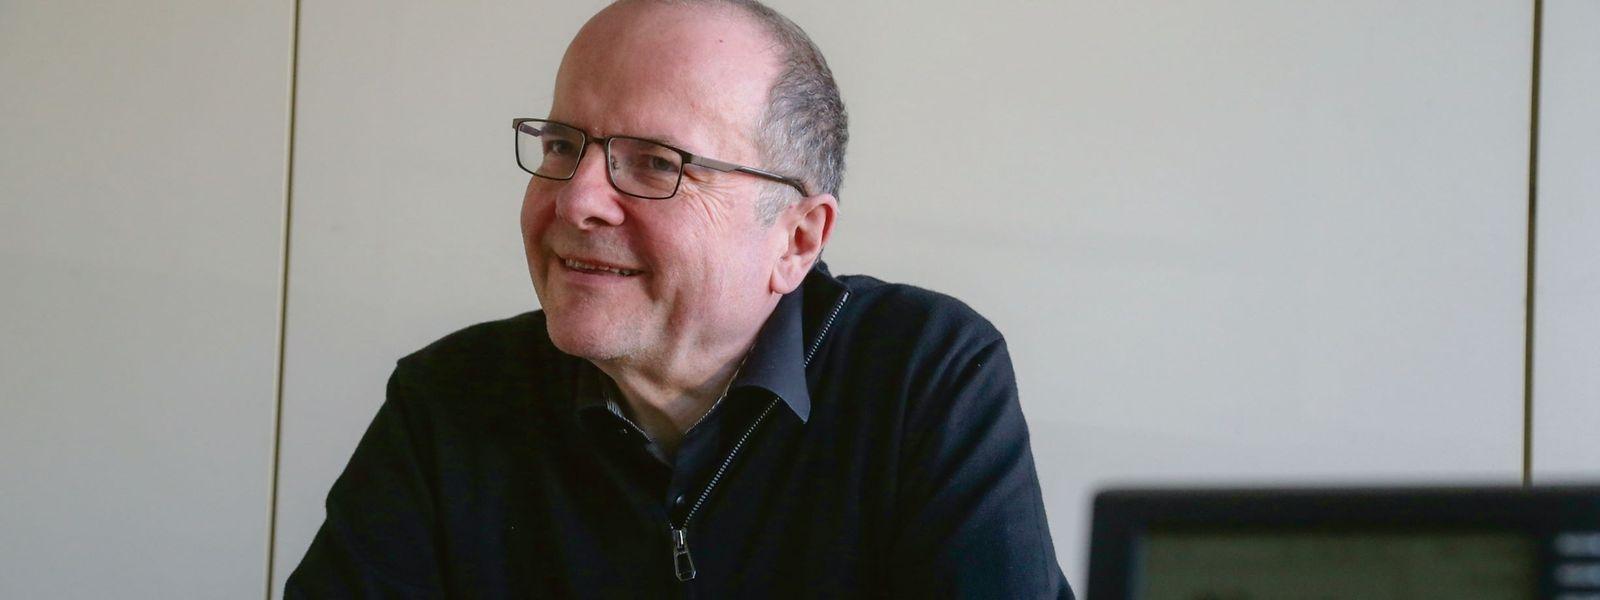 Marc Barthelemy é a primeira pessoa a ocupar o recém-criado cargo de comissário para a língua luxemburguesa.